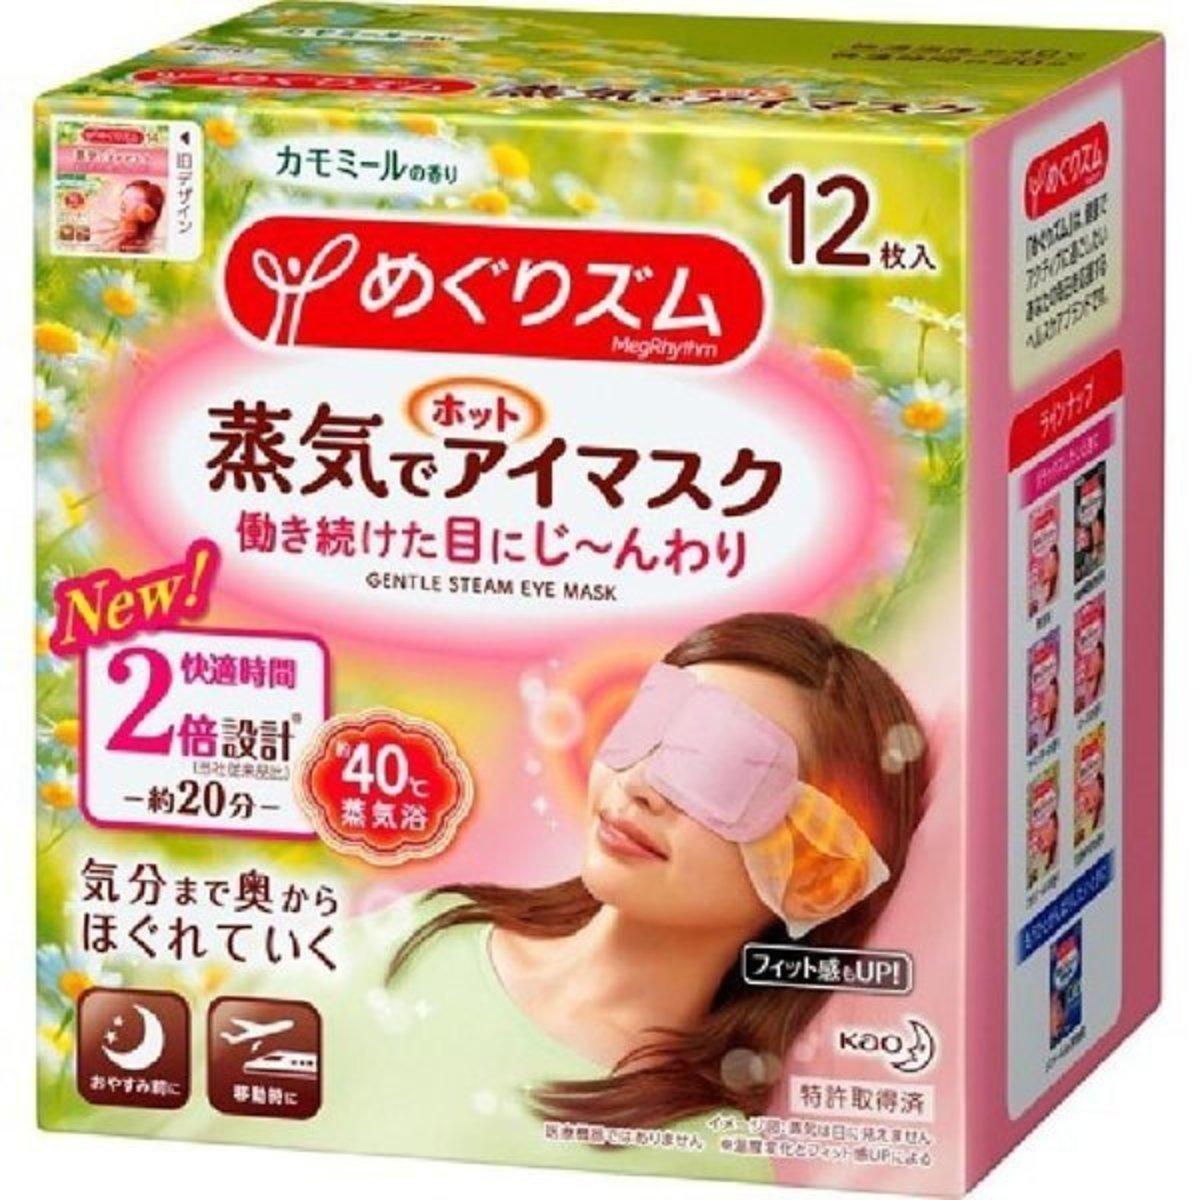 花王KAO - Steam Sensitive Eye Mask 12 Pieces - Chamomile Incense (parallel import)